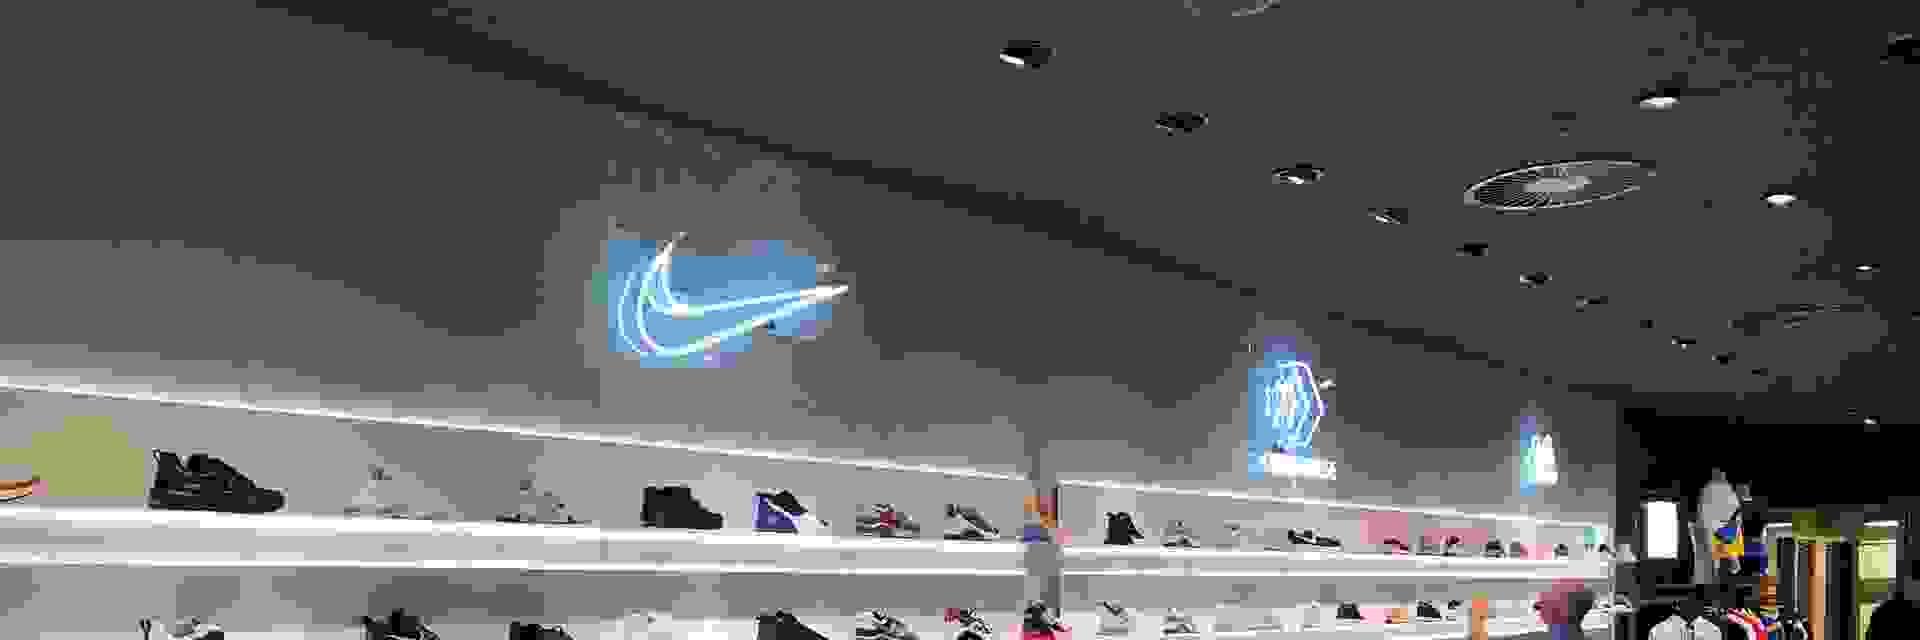 sportscheck-koeln-sneakers